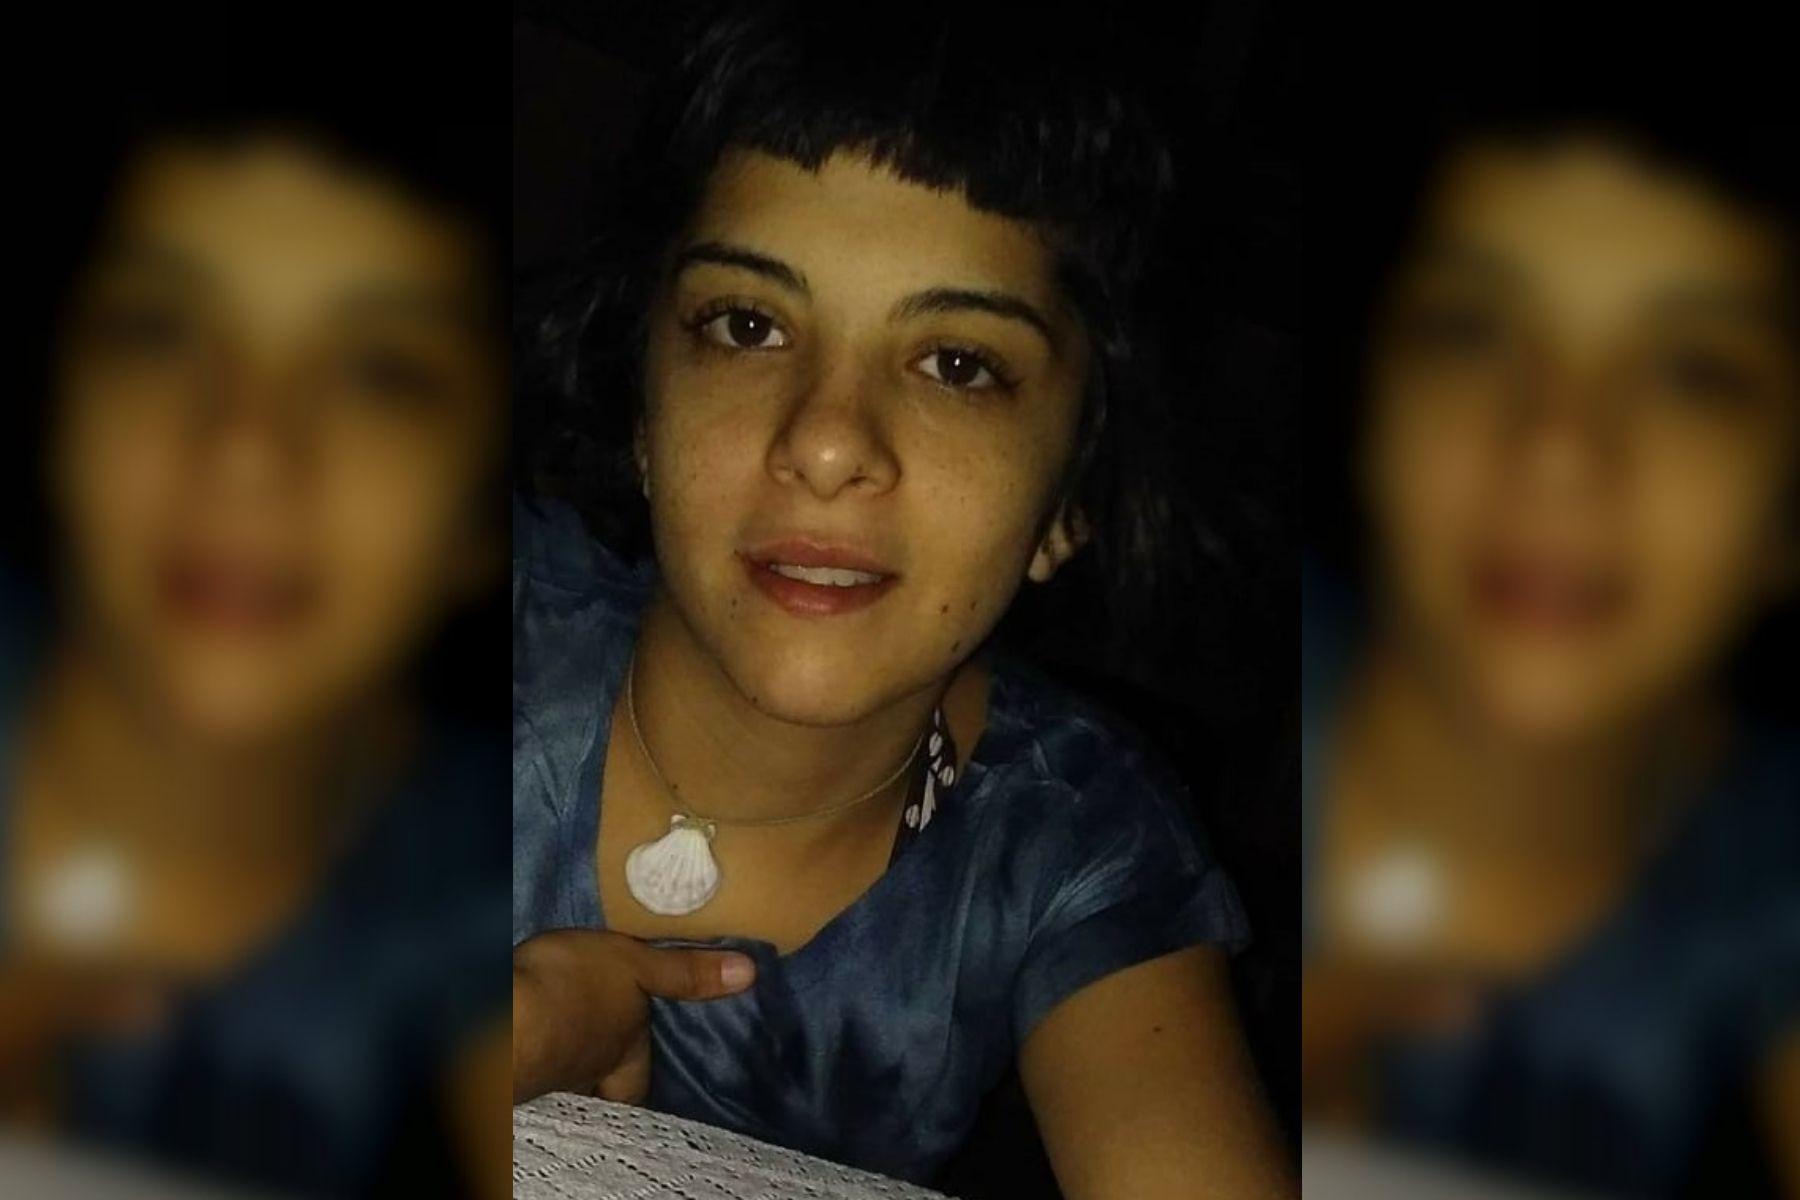 Viajó con su novio a Brasil y la prendió fuego mientras dormía: está grave